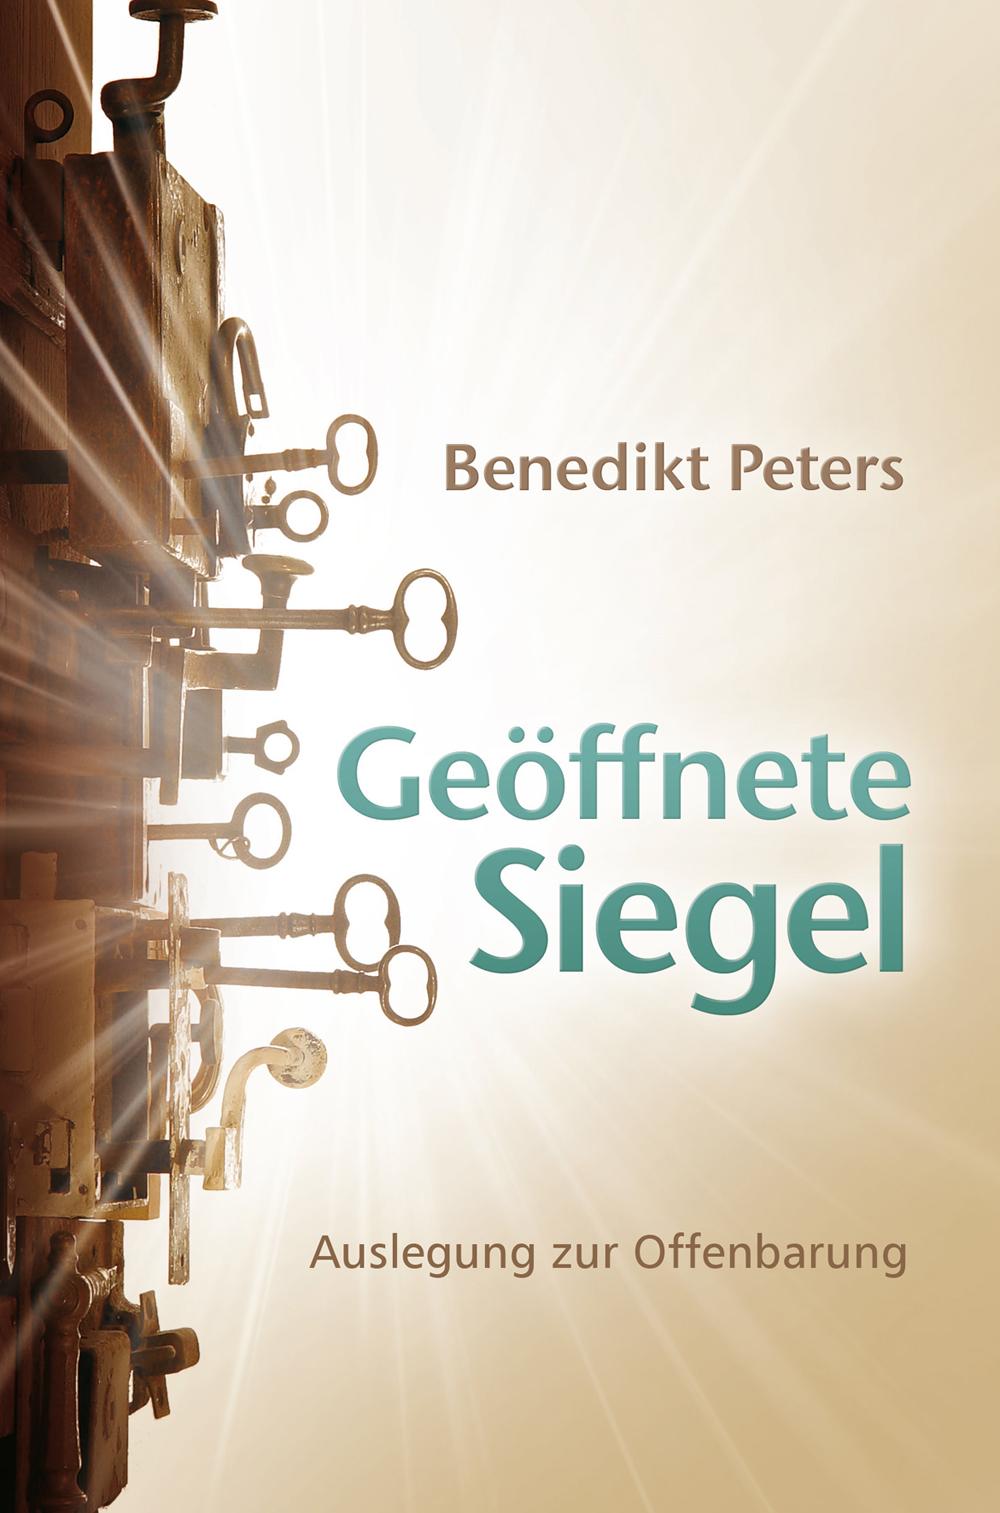 CLV_geoeffnete-siegel_benedikt-peters_256203_1